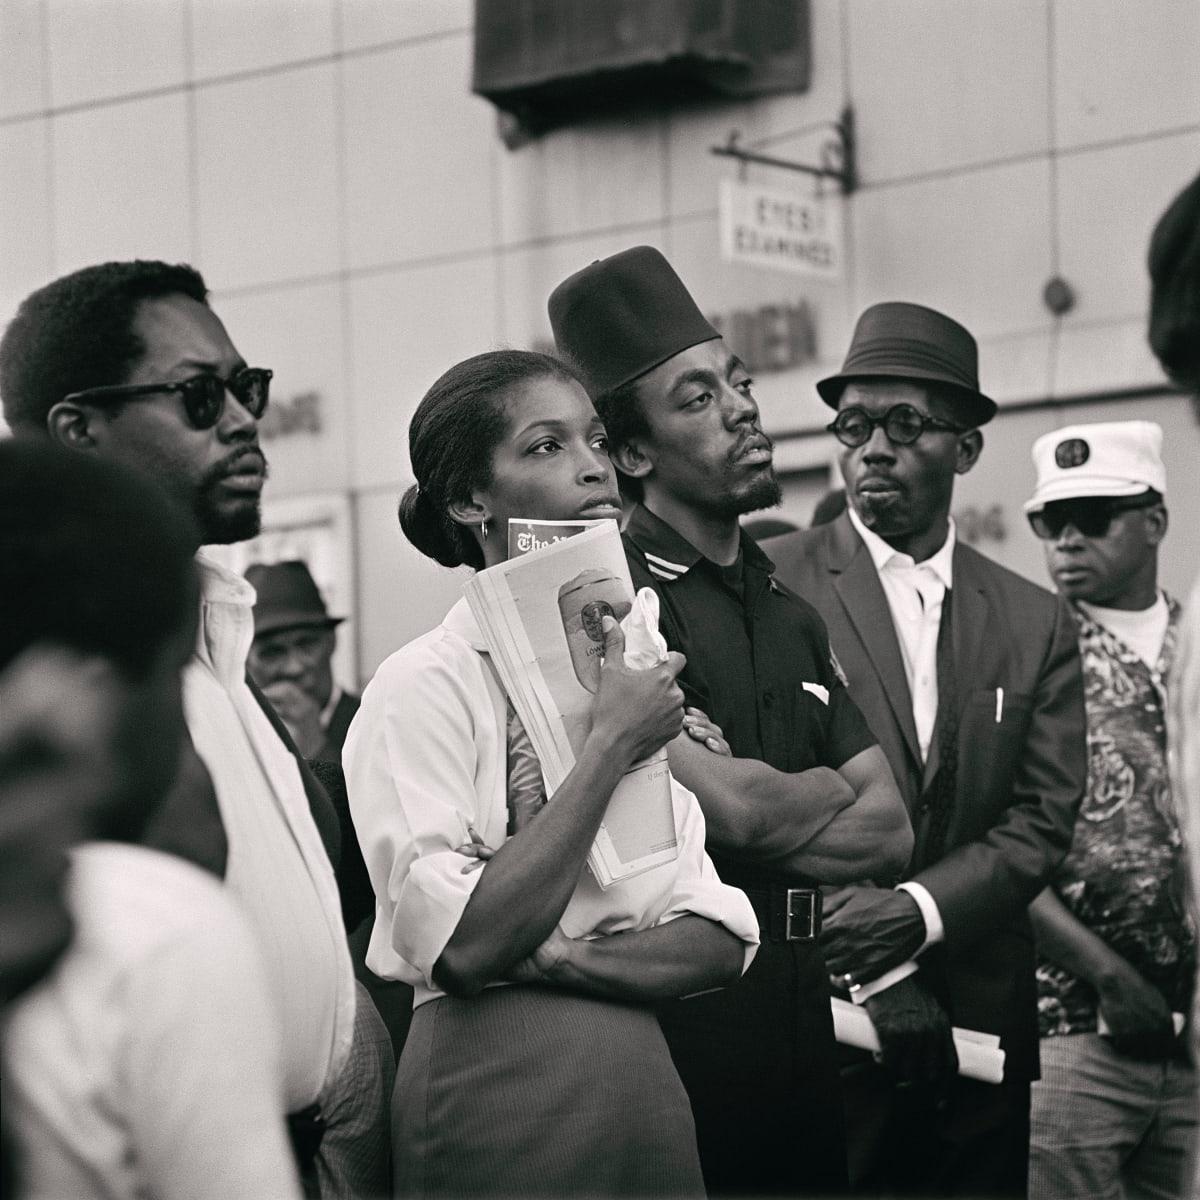 Kwame Brathwaite, Untitled (Garvey Day Parade - Harlem), 1967 c., printed 2018